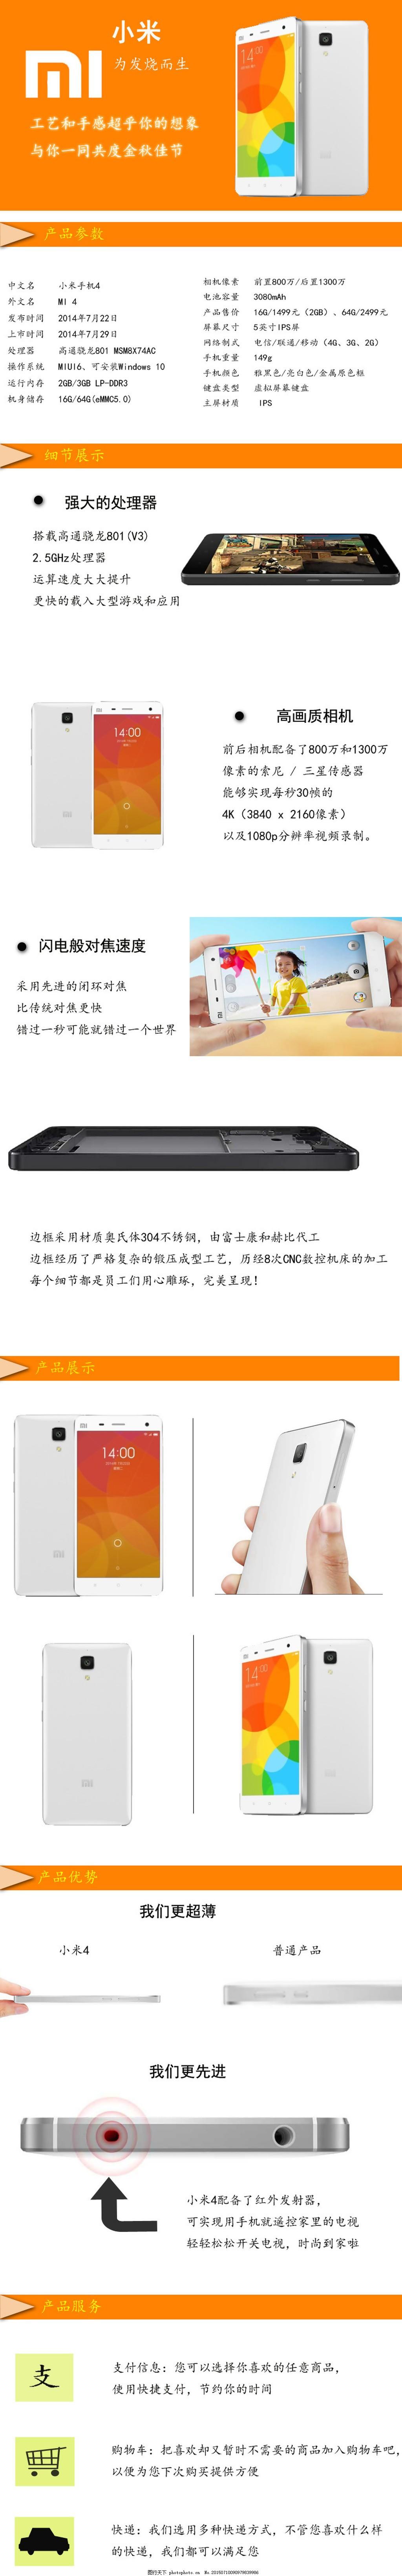 小米手机4详情页 淘宝素材 淘宝设计 淘宝模板下载 白色